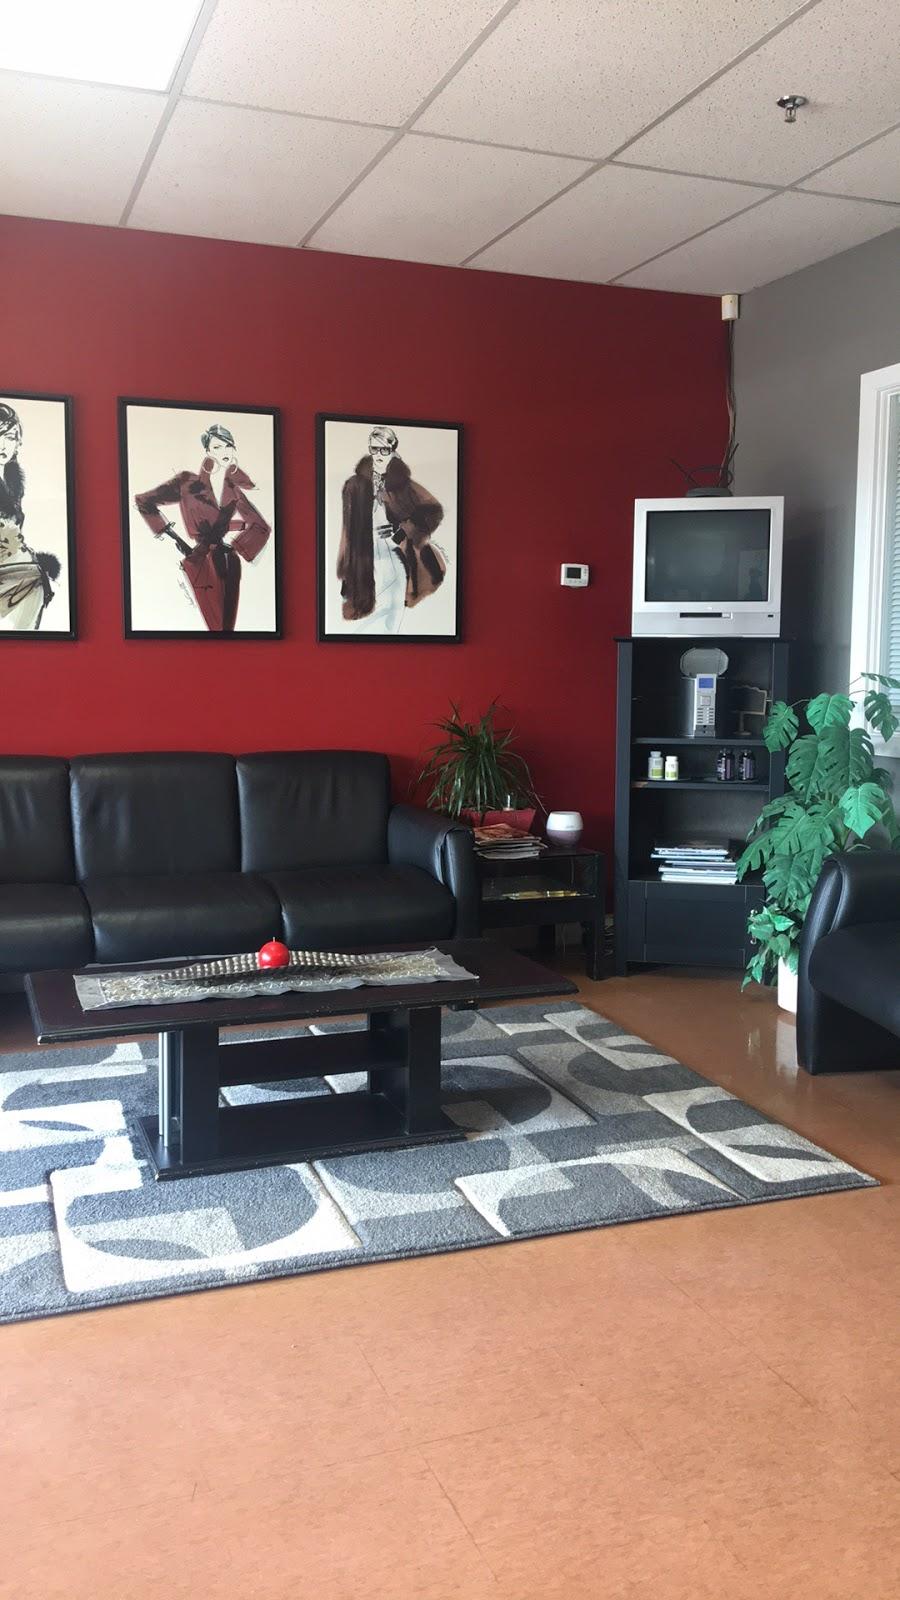 Enchanté Hair Studio | hair care | 1700 Dundas St, London, ON N5W 3E3, Canada | 5194534343 OR +1 519-453-4343